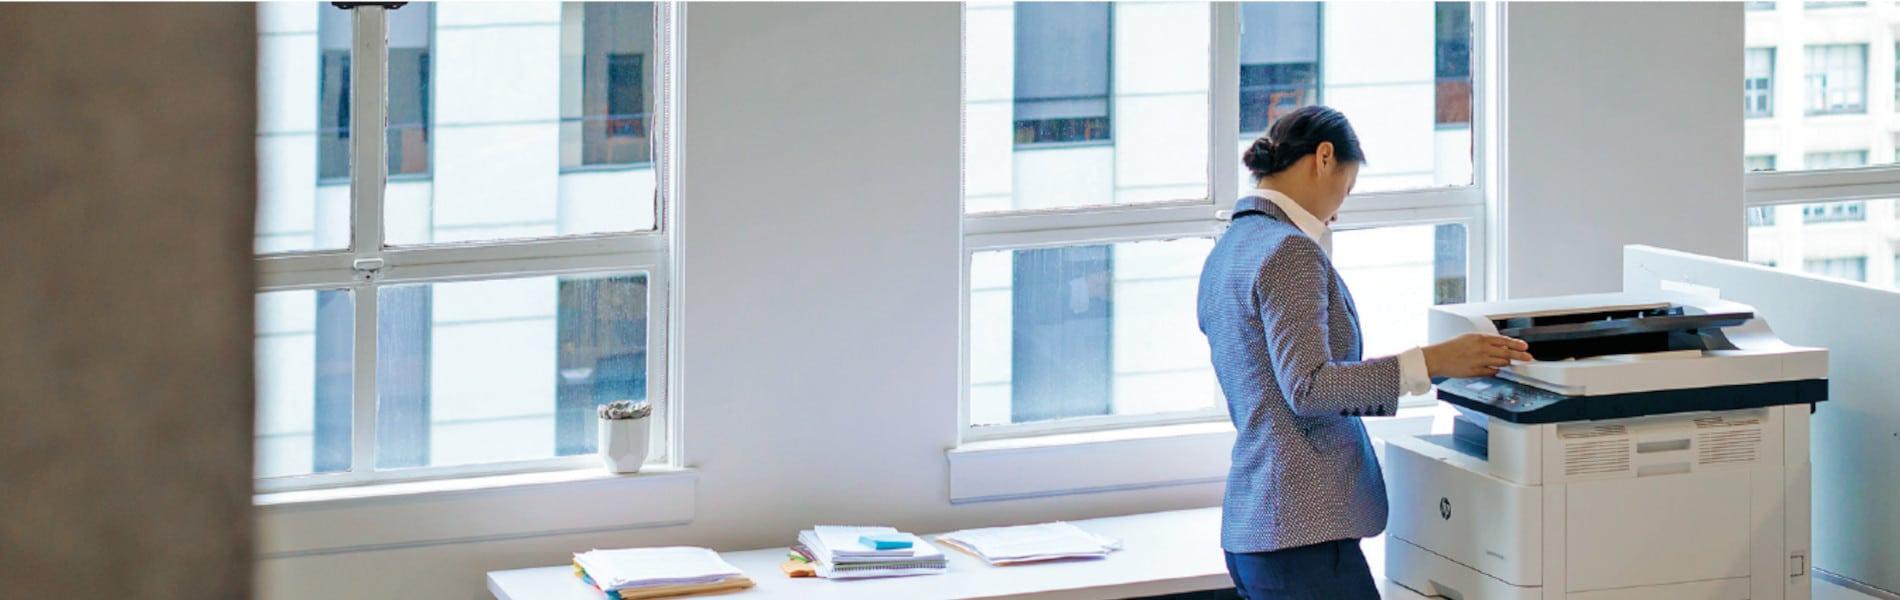 Mit HP Workpath schaffenSie sich Freiräume und verschlanken somit die Verwaltung (z.B. mit Dokumentenmanagementsysteme / DMS)